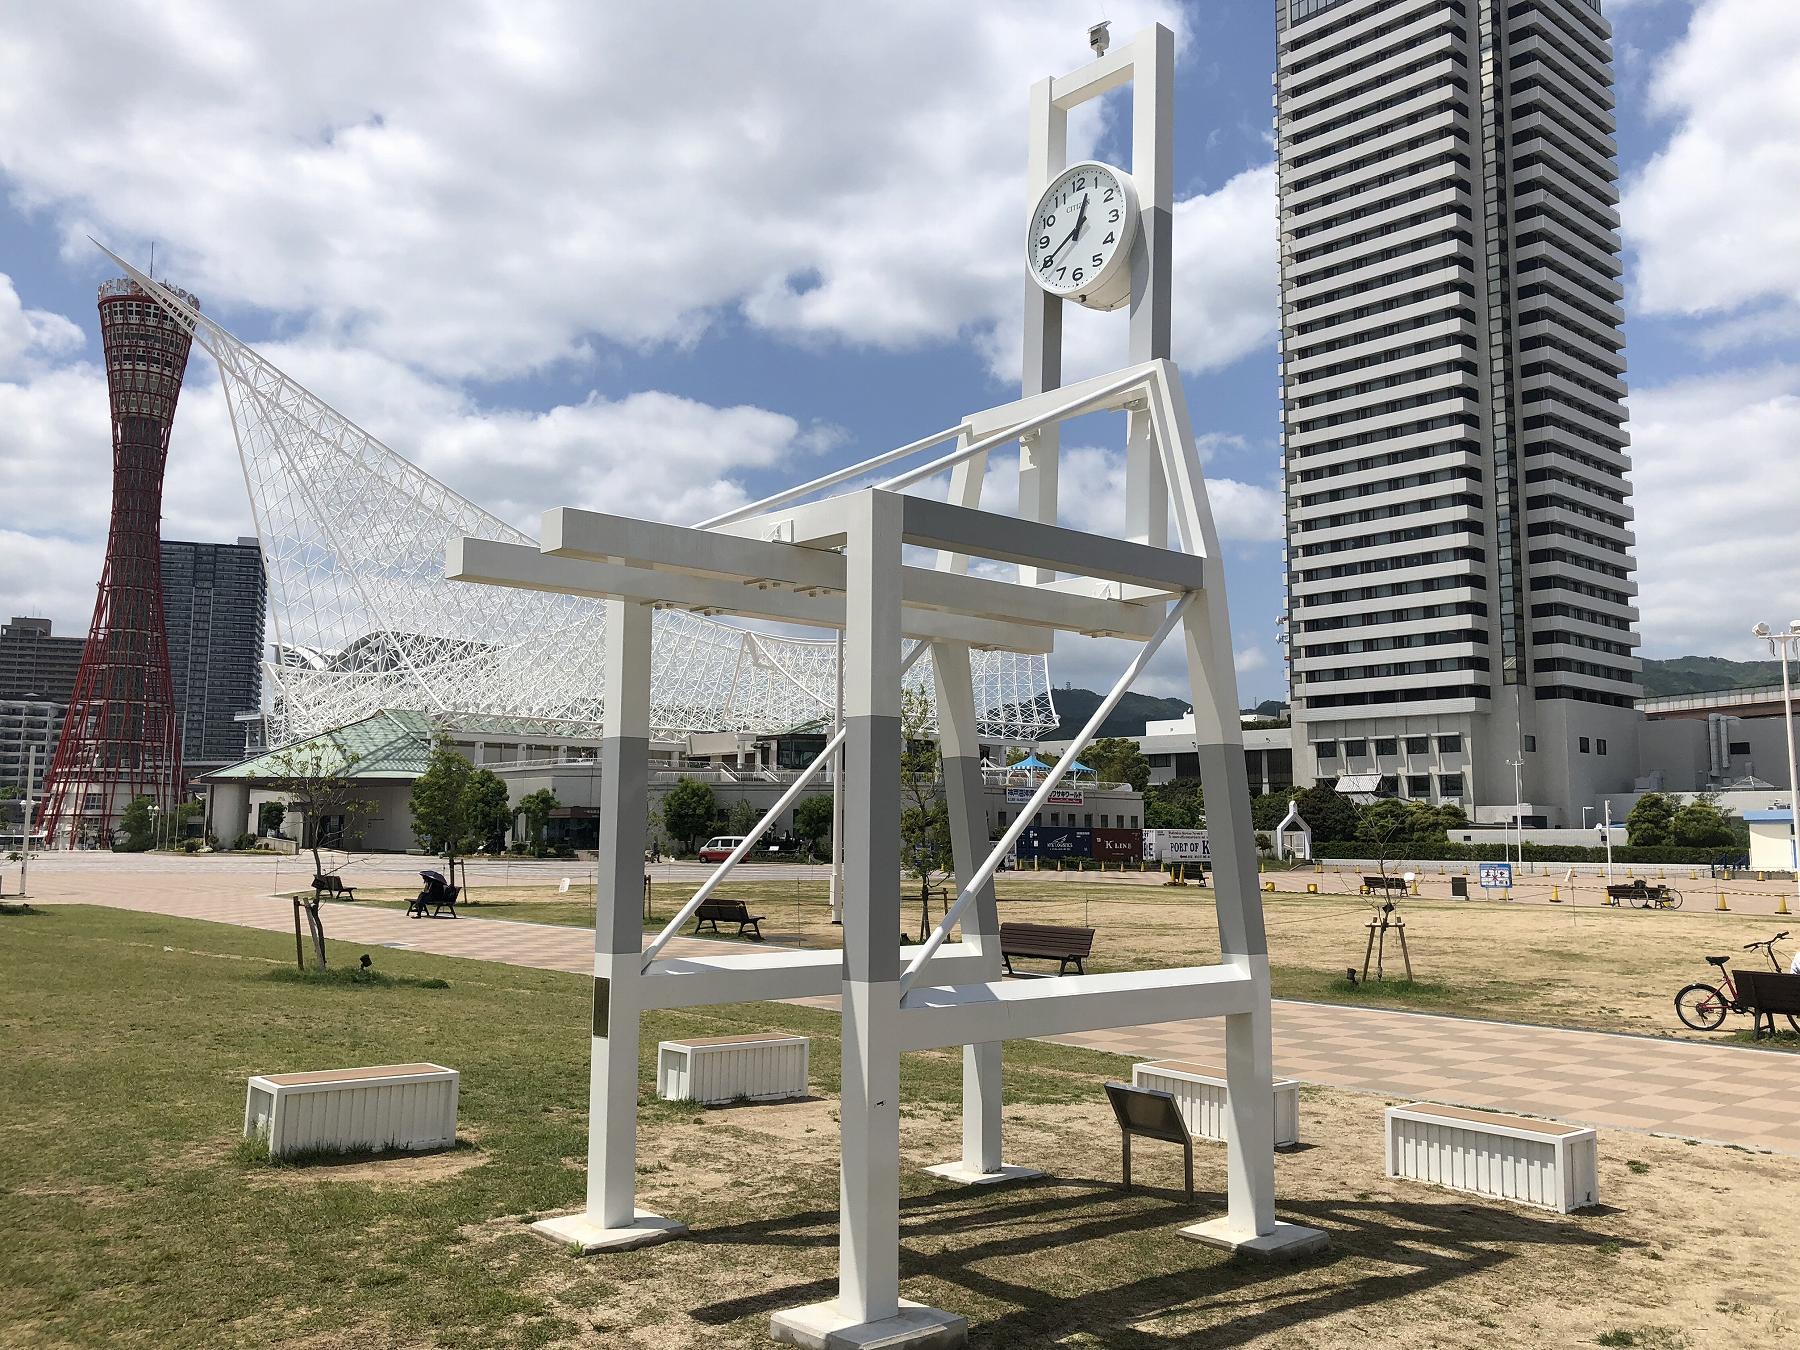 神戸メリケンパークにあるガントリークレーンをモチーフにした「時計塔」をご紹介するよ! #メリケンパーク  #神戸開港150年 #神戸観光 #ガントリークレーン